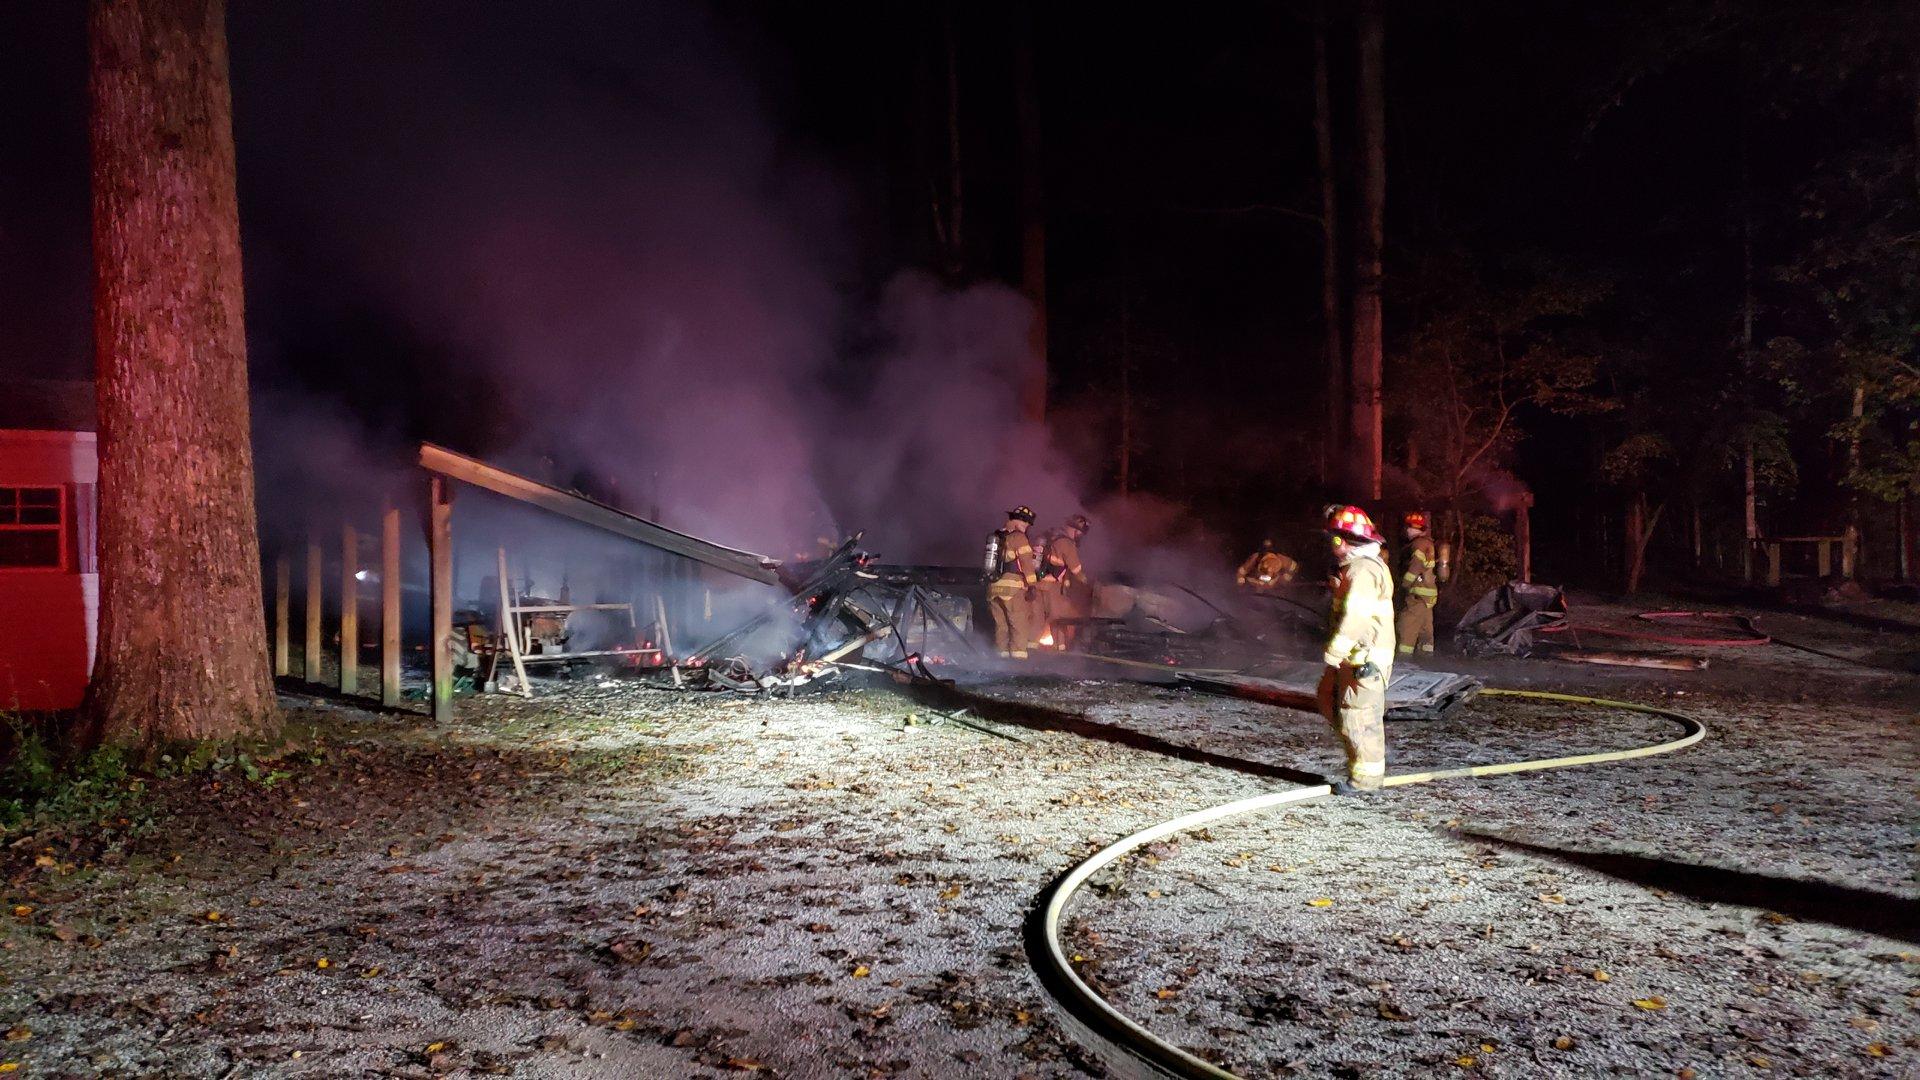 jcc fire 3_1537898274666.jpg.jpg